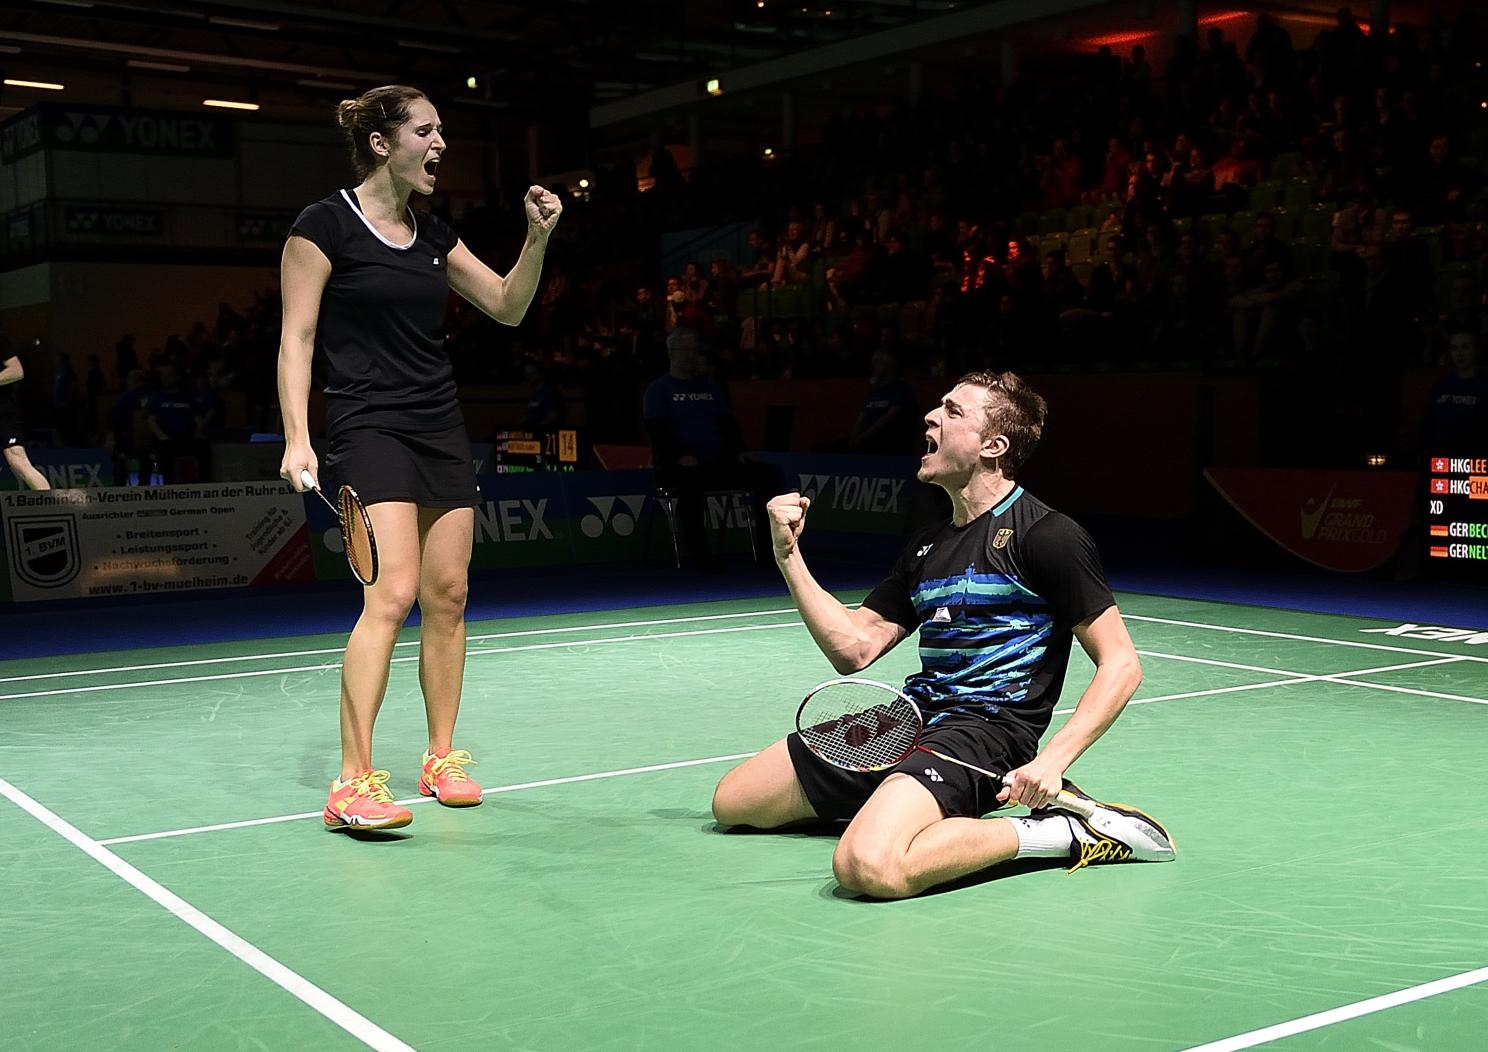 Genau wie die firsch gebackenen deutschen Meister Raphael Beck und Carla Nelte. Beide konnten in Runde 1 einen Sieg gegen Topasiaten bejubeln!